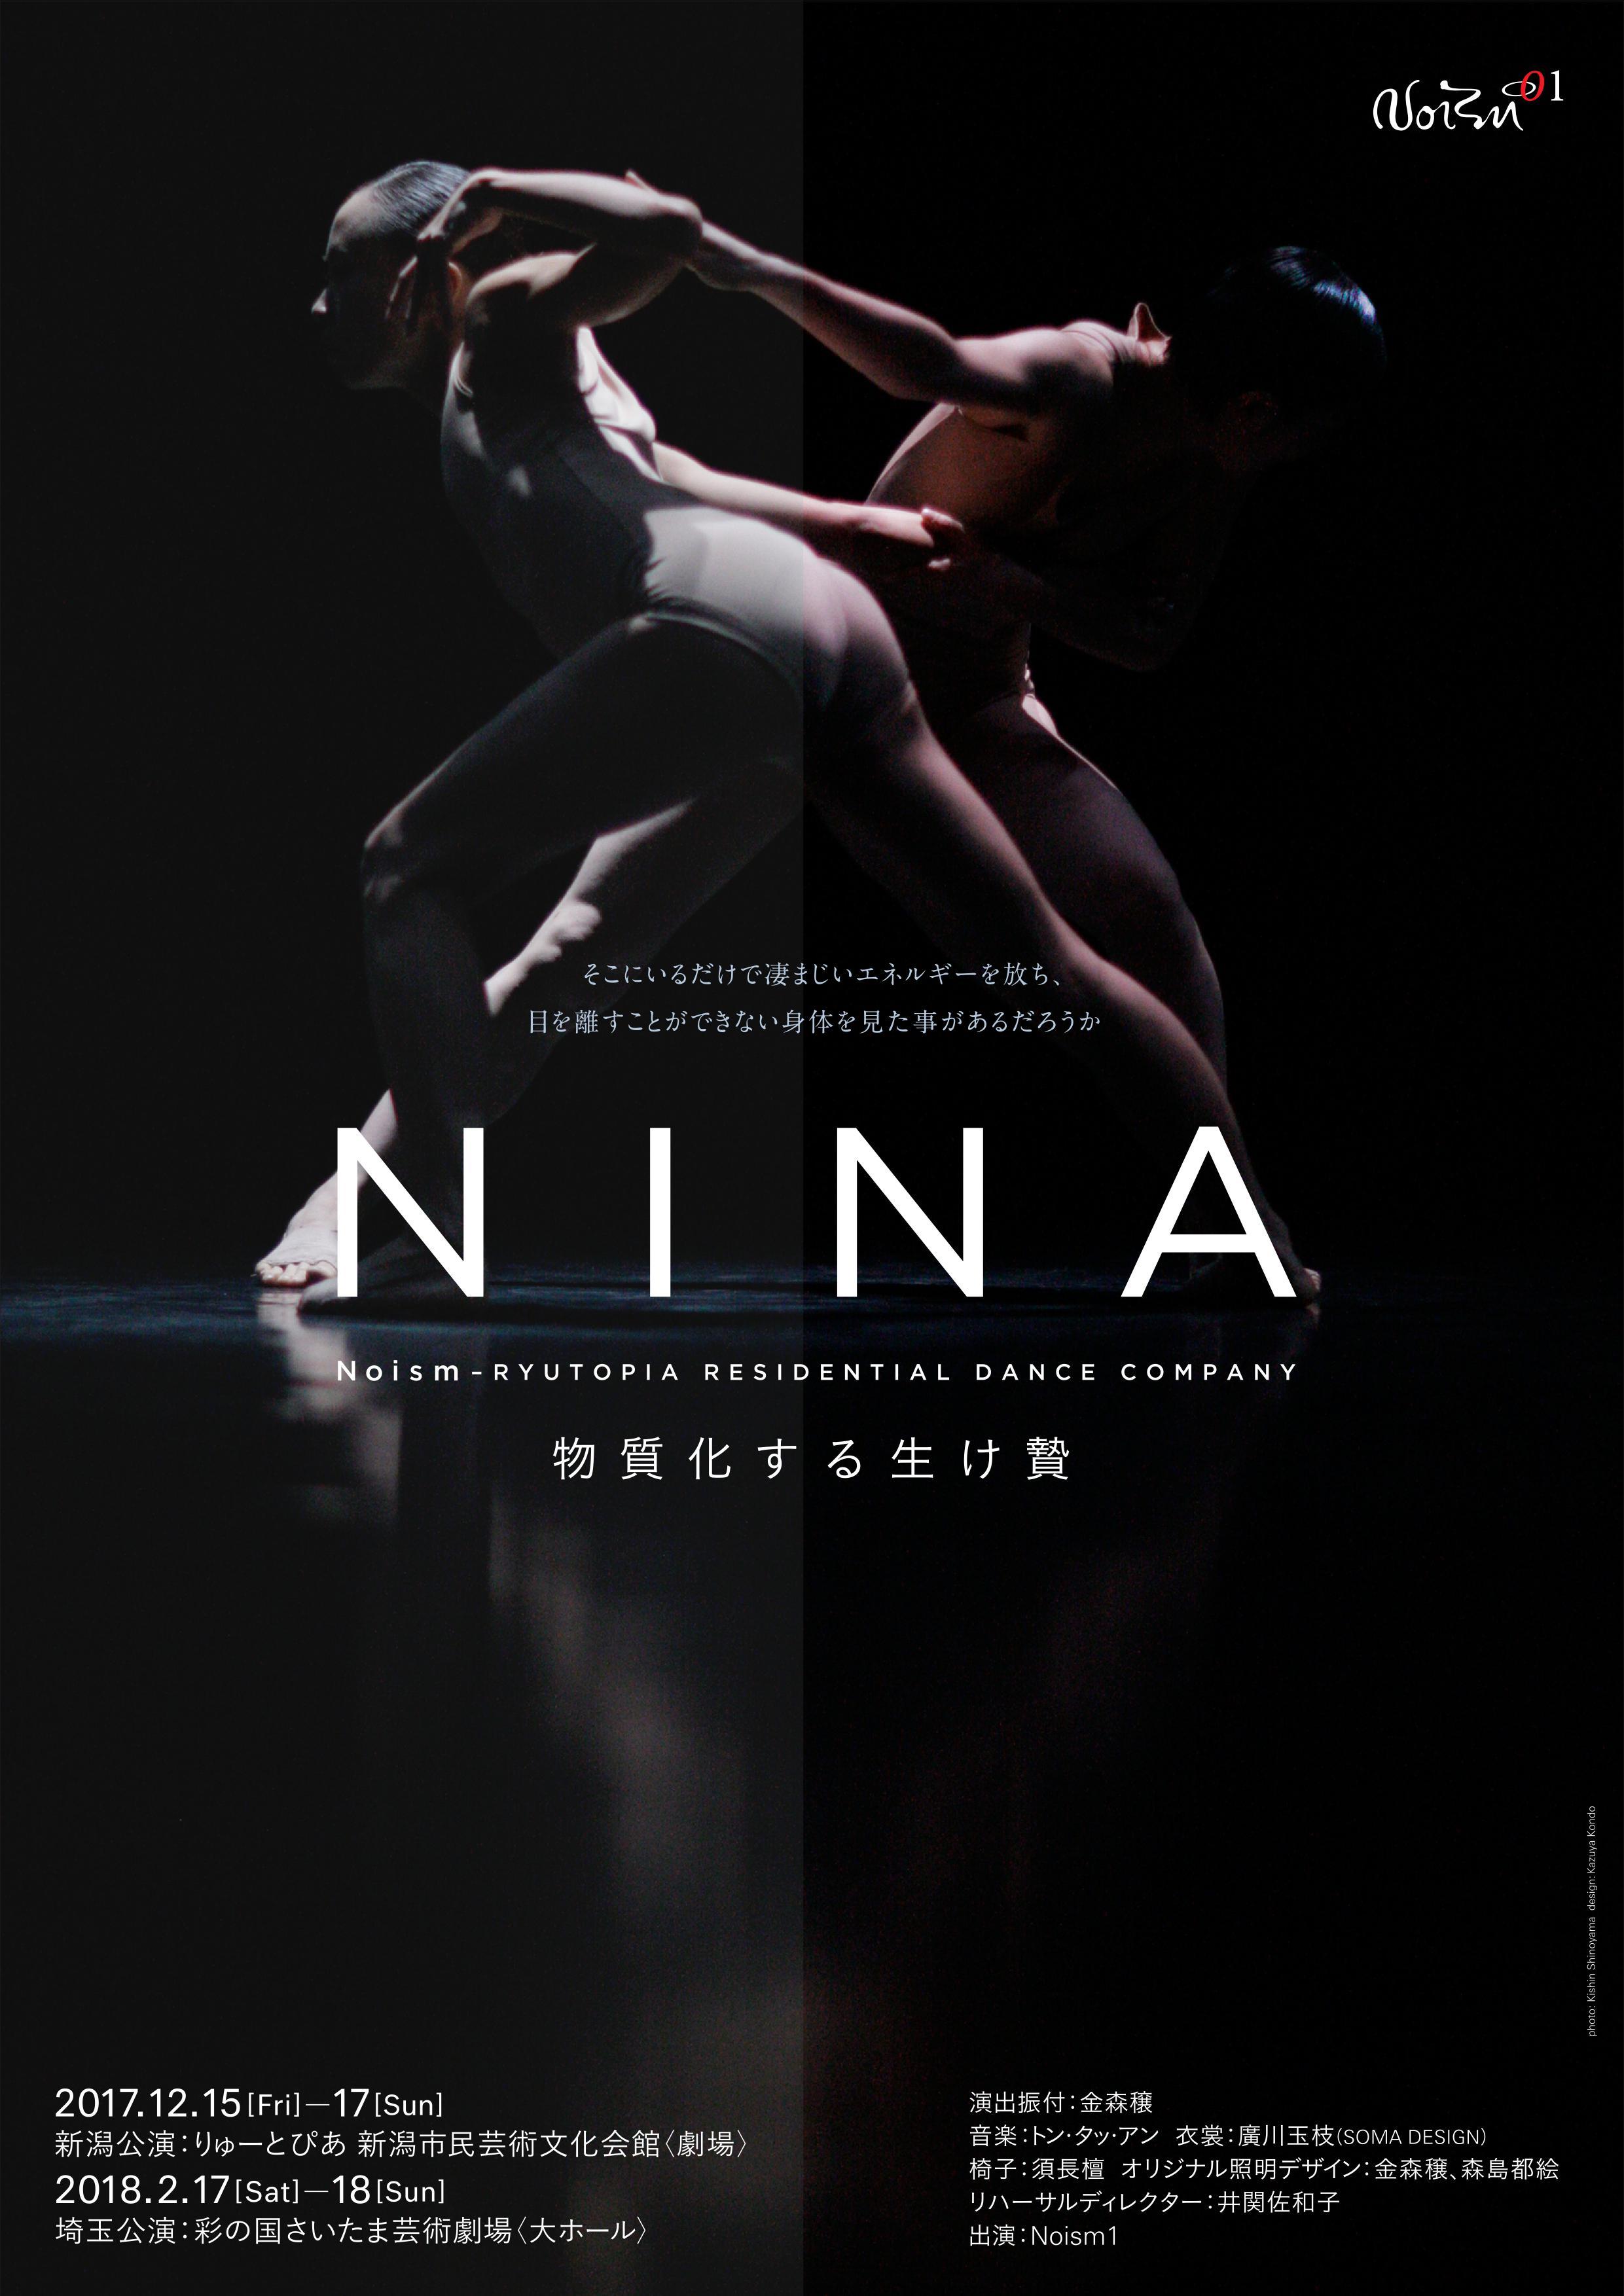 NINAfront-1.jpg